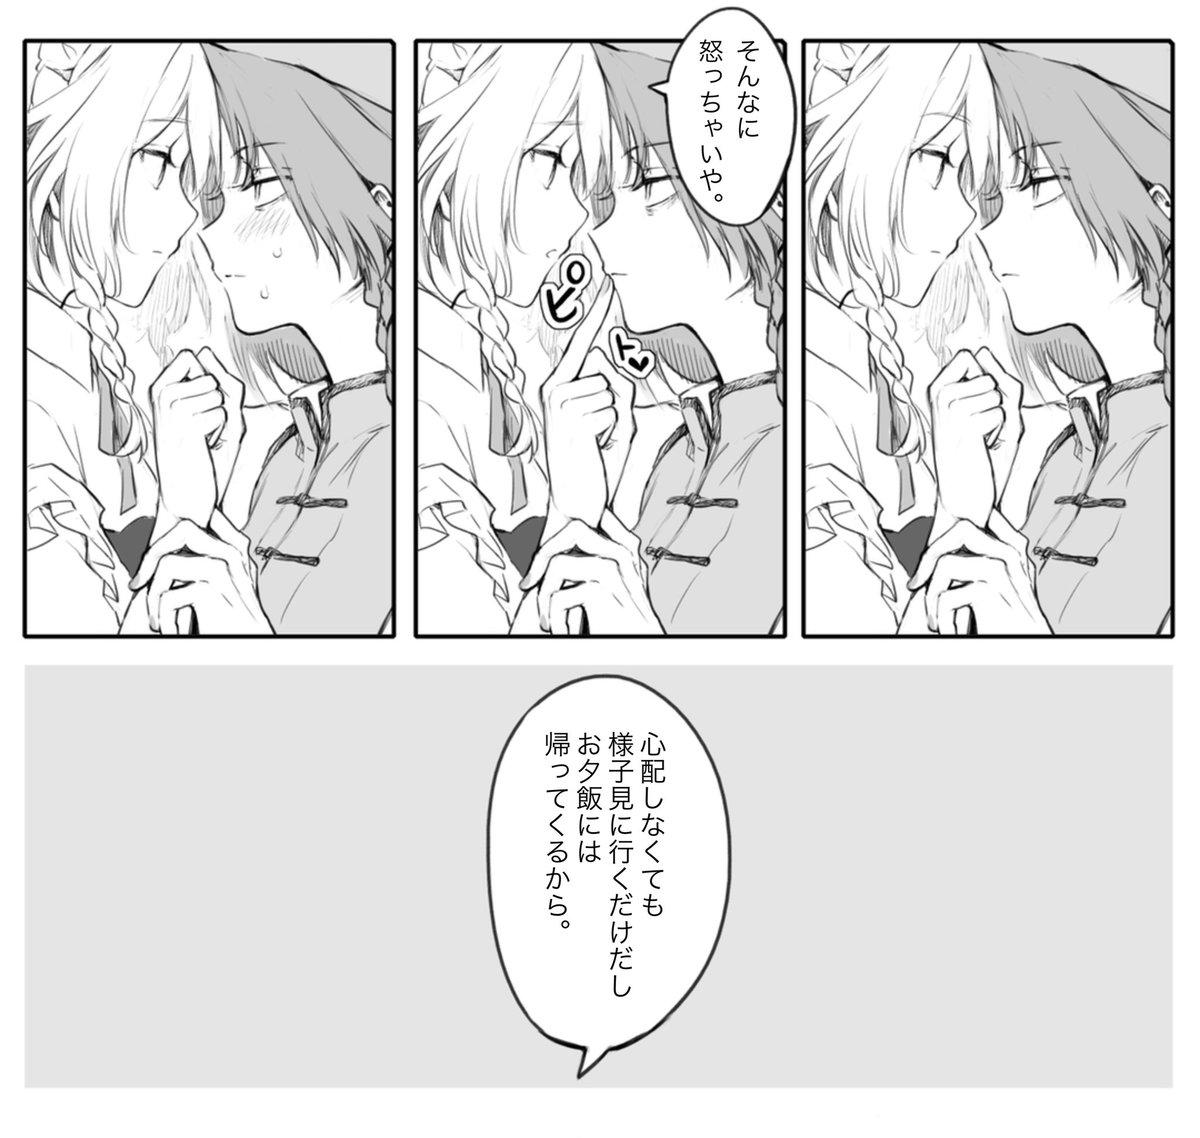 咲夜さん相手にマウントをとる紅美鈴。